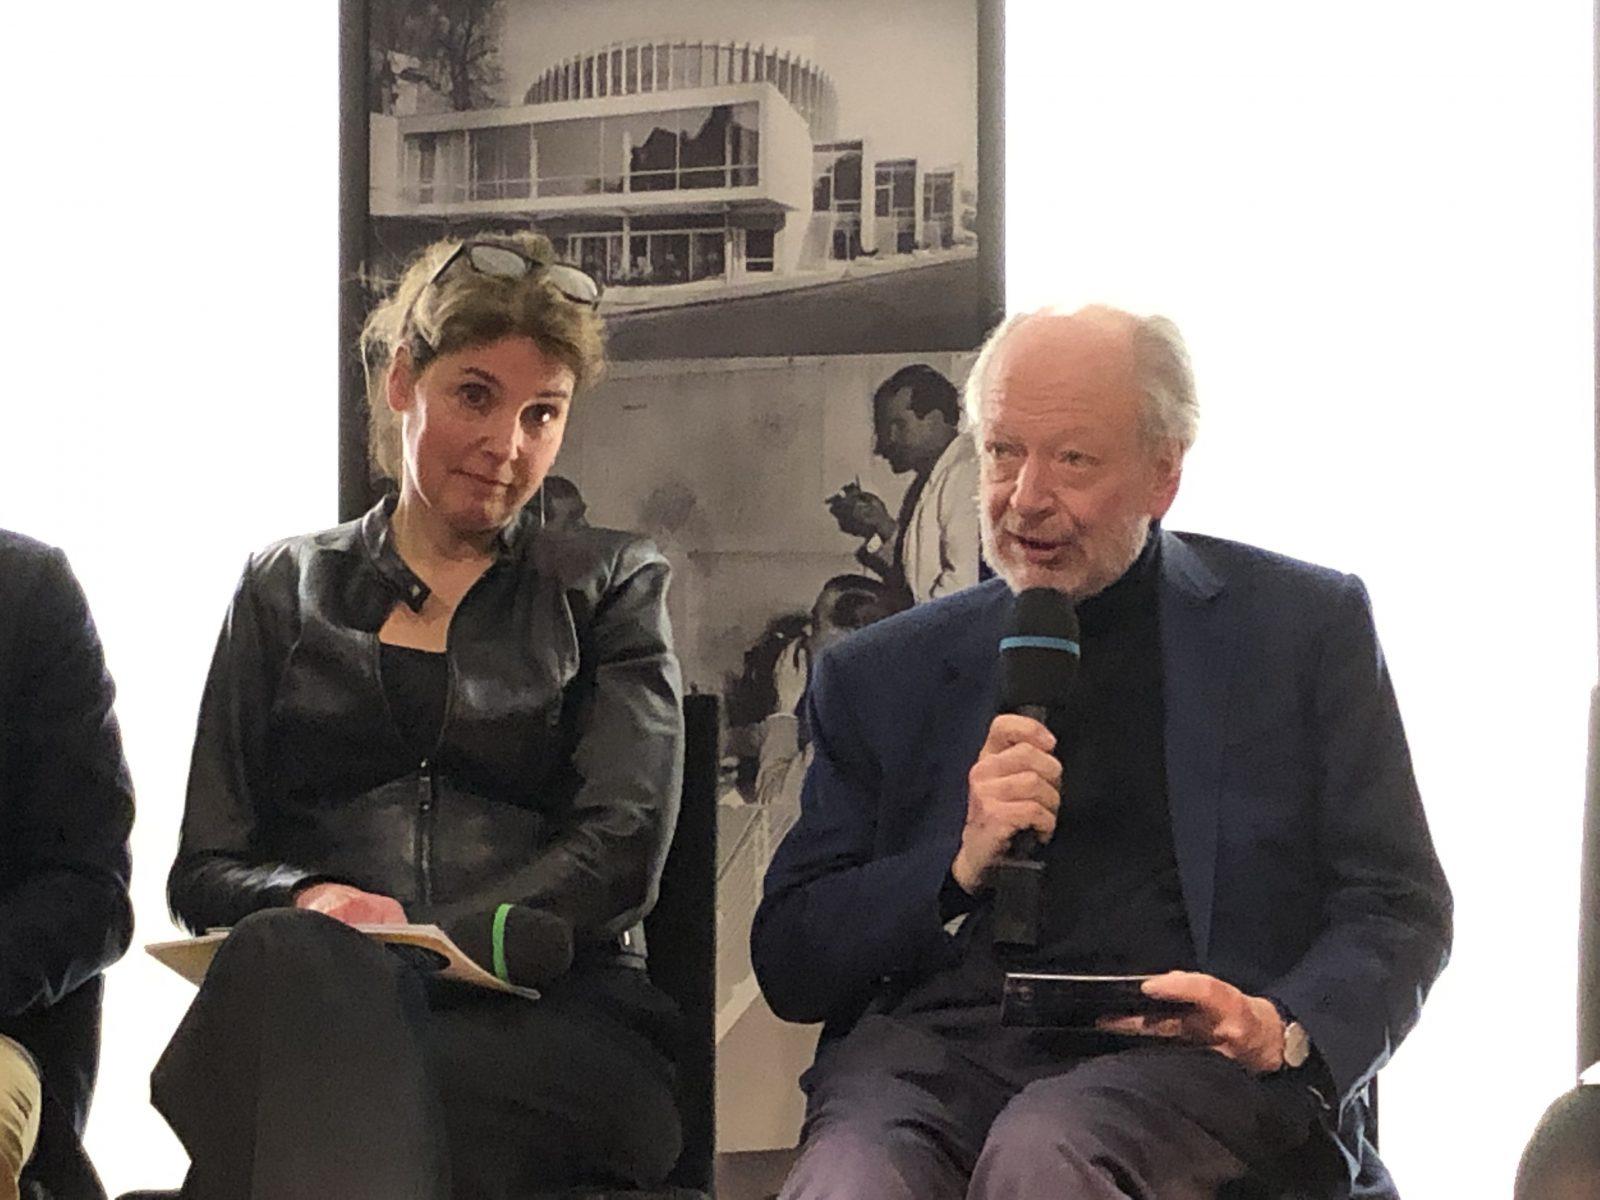 Veranstaltung am 26.02.2020 im Theatertreff Münster: Besser für Münster - Kulturpolitischer Aschermittwoch - Bild (v.l.n.r.): Gerlind Korschildgen, Herbert Bühler. - Foto: Stefan Rethfeld